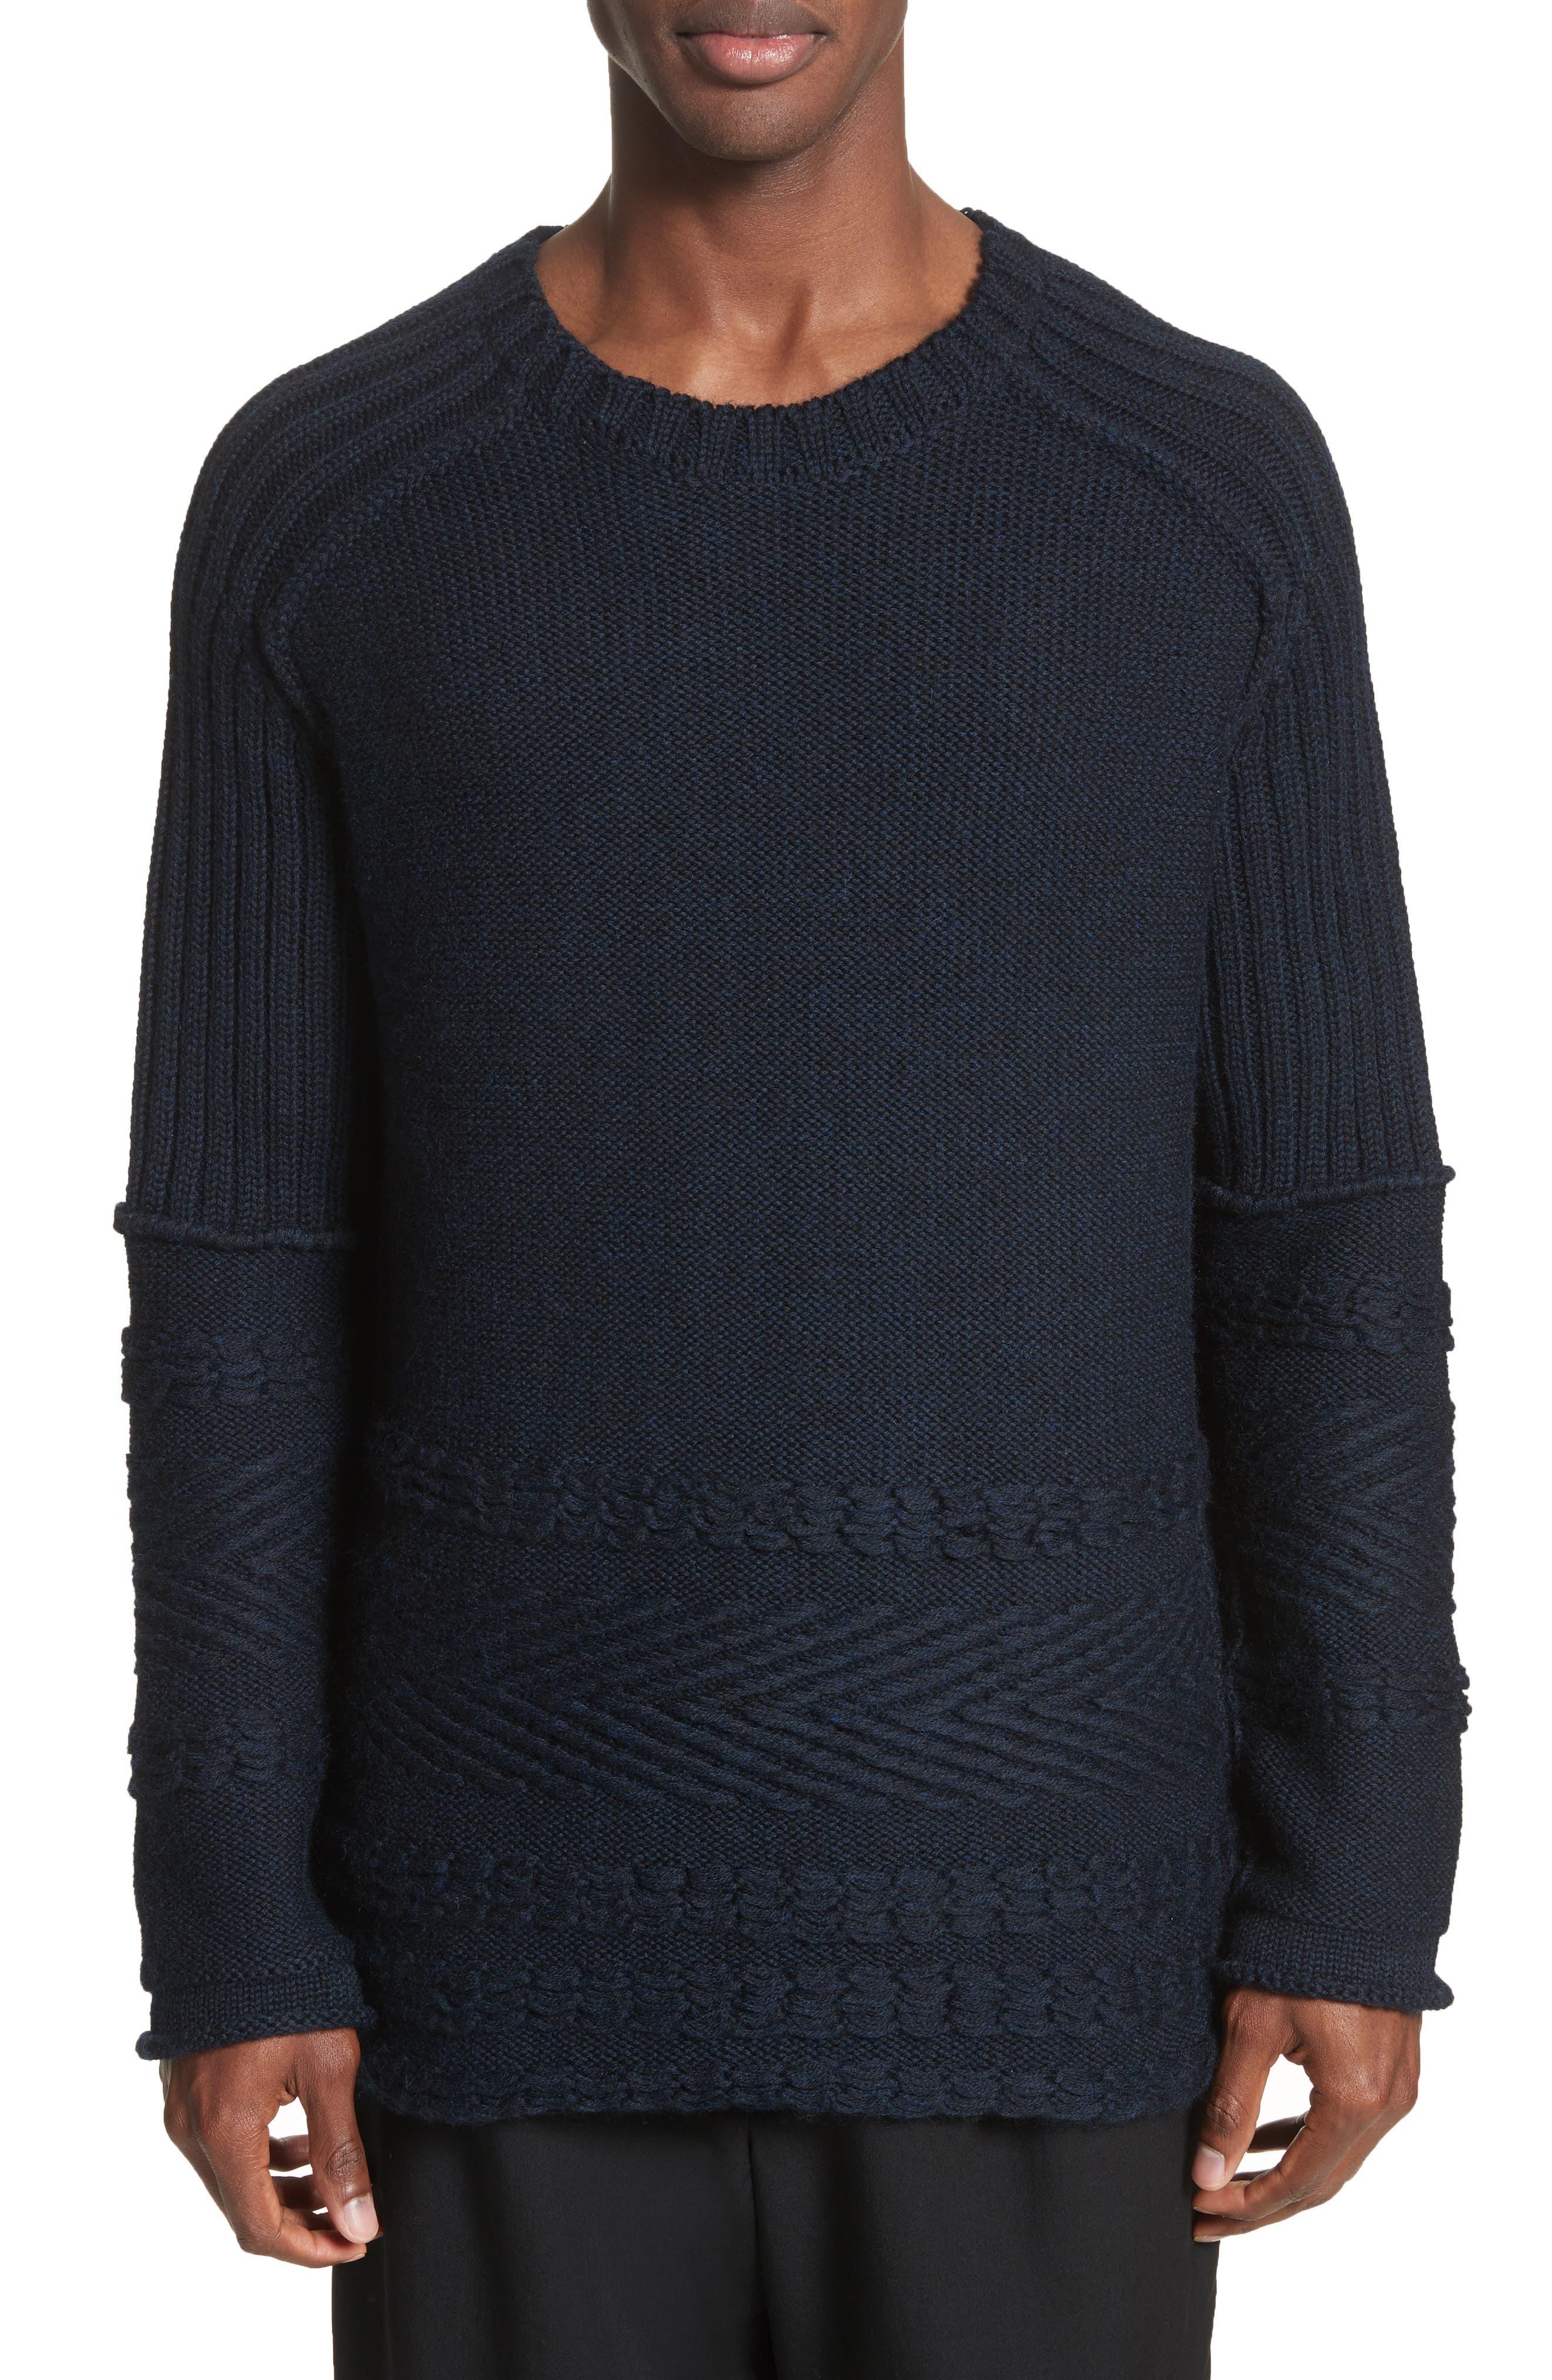 Main Image - Yohji Yamamoto Mixed Knit Wool Sweater